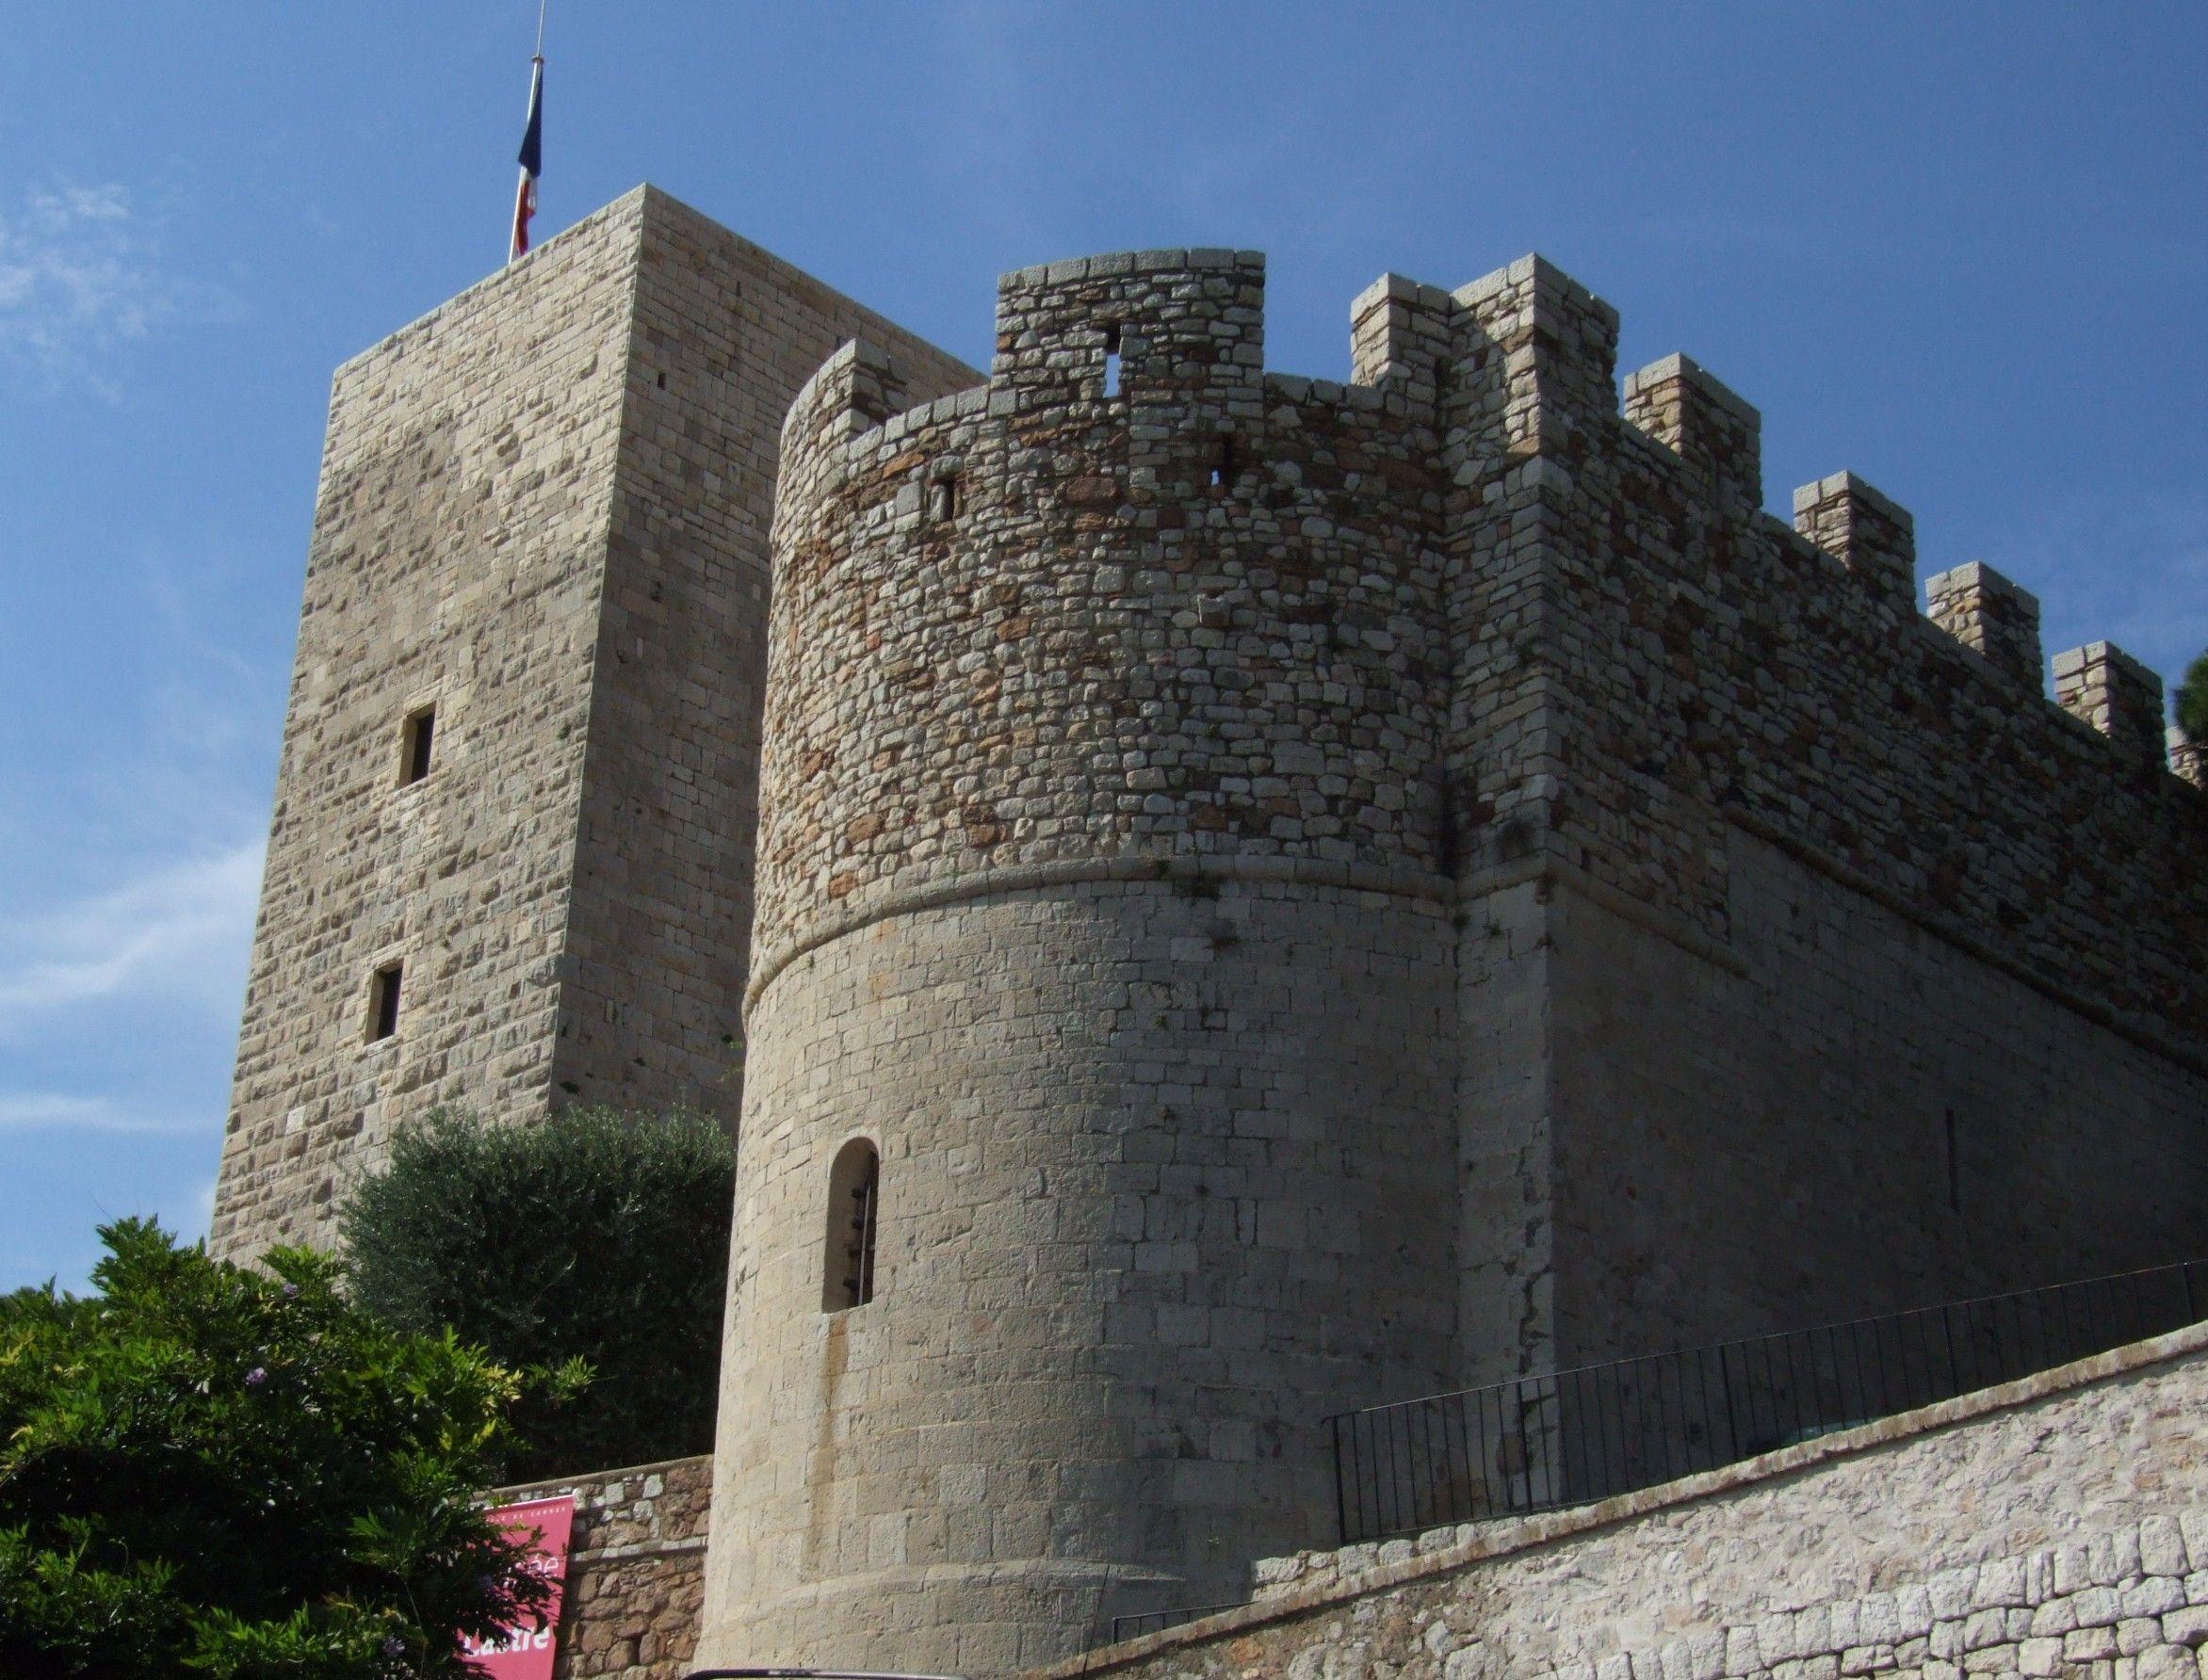 Chateau Et Tour De La Castre Le Suquet Cannes Alpes Maritimes